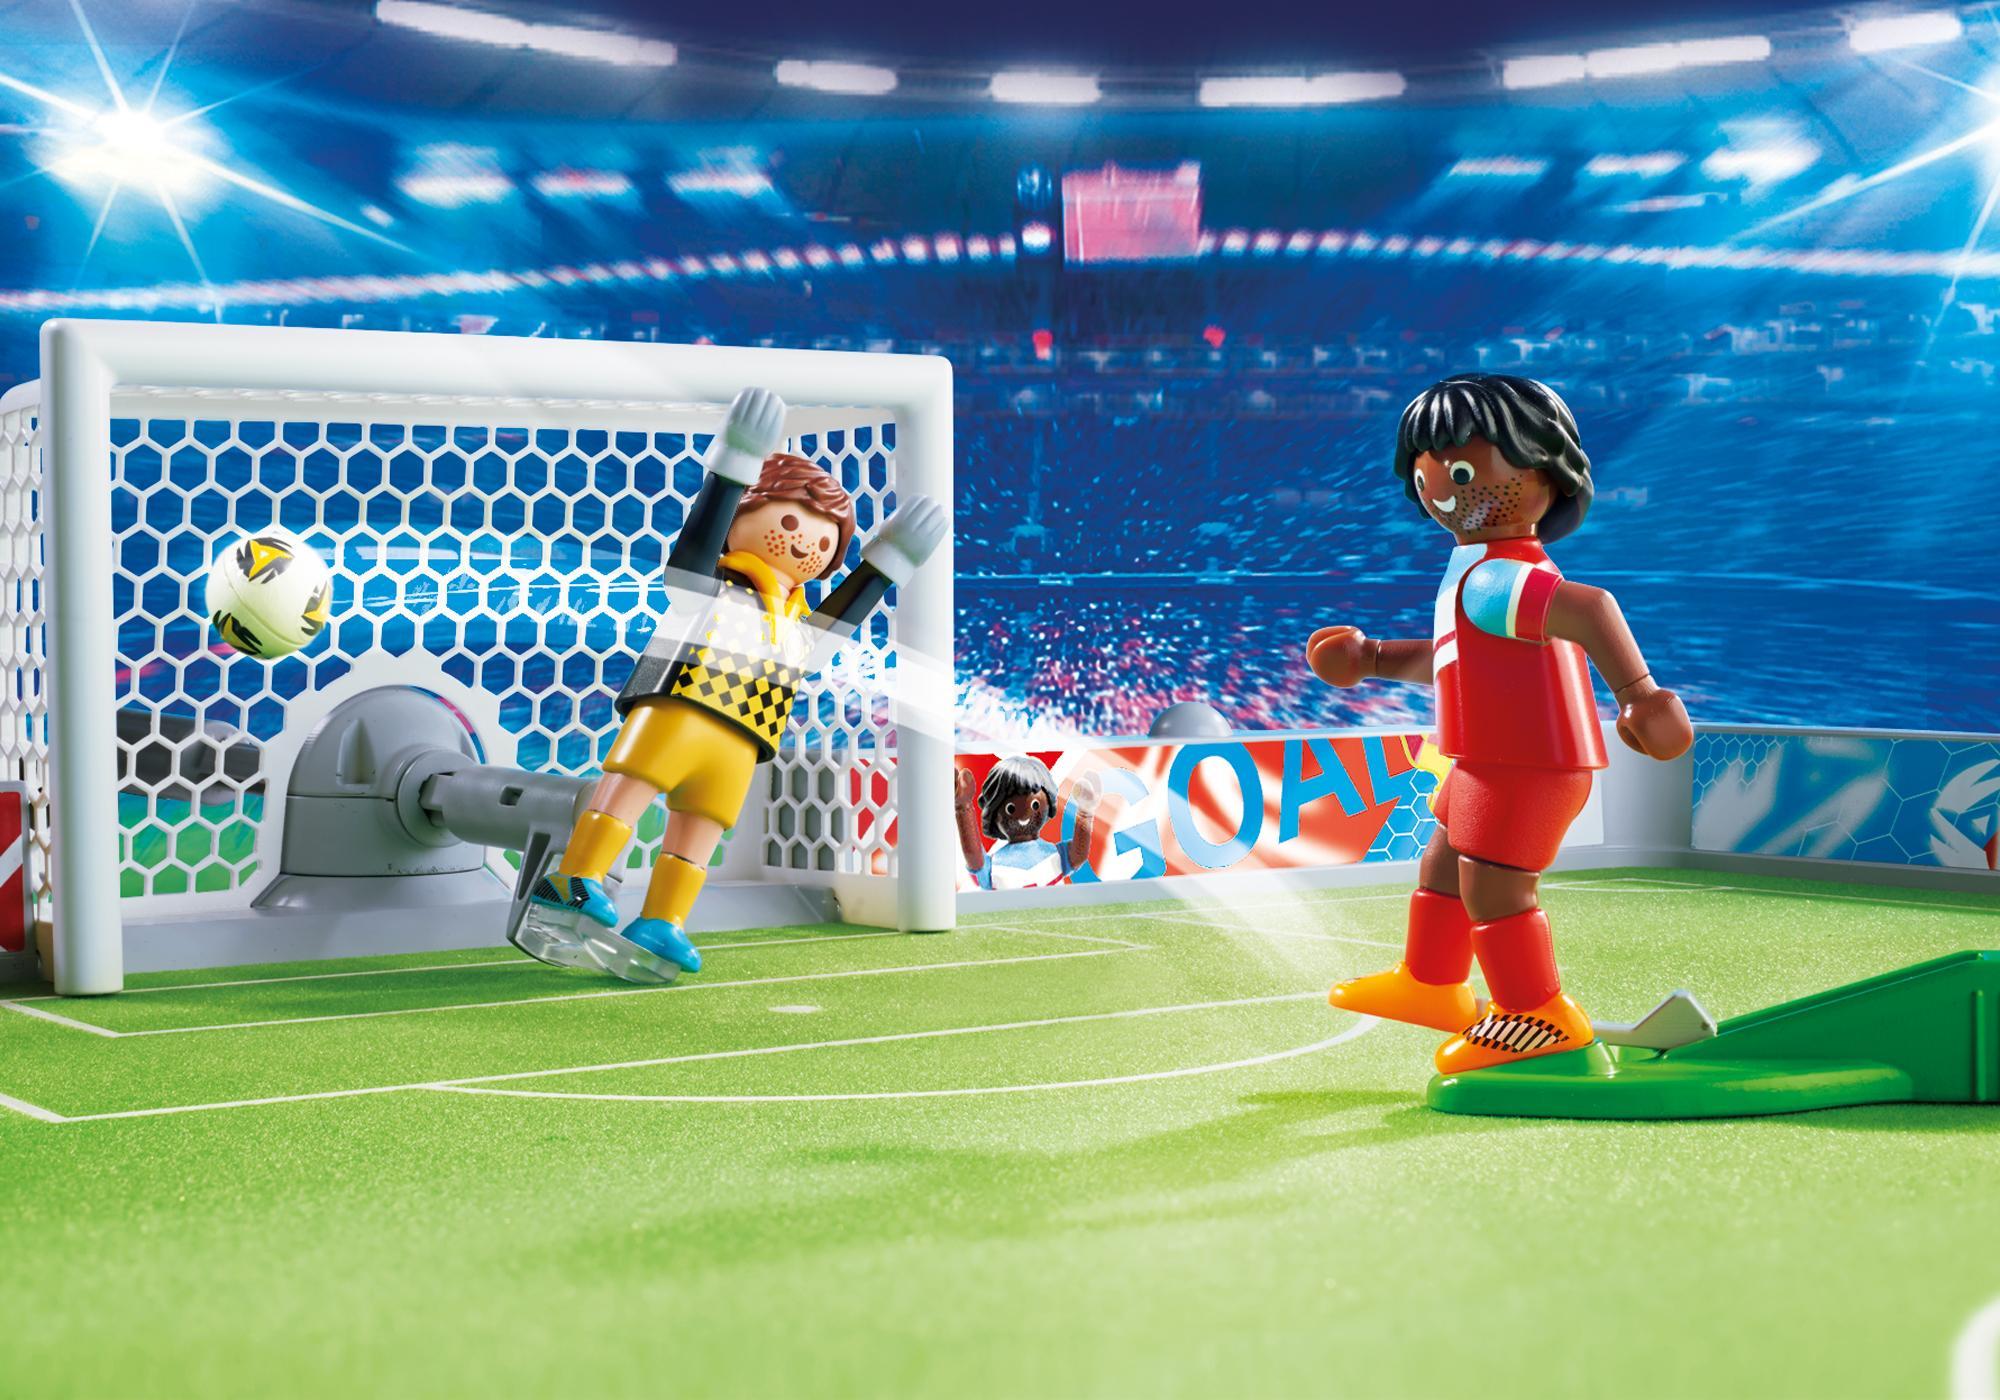 http://media.playmobil.com/i/playmobil/6857_product_extra1/Mala Campo de Futebol